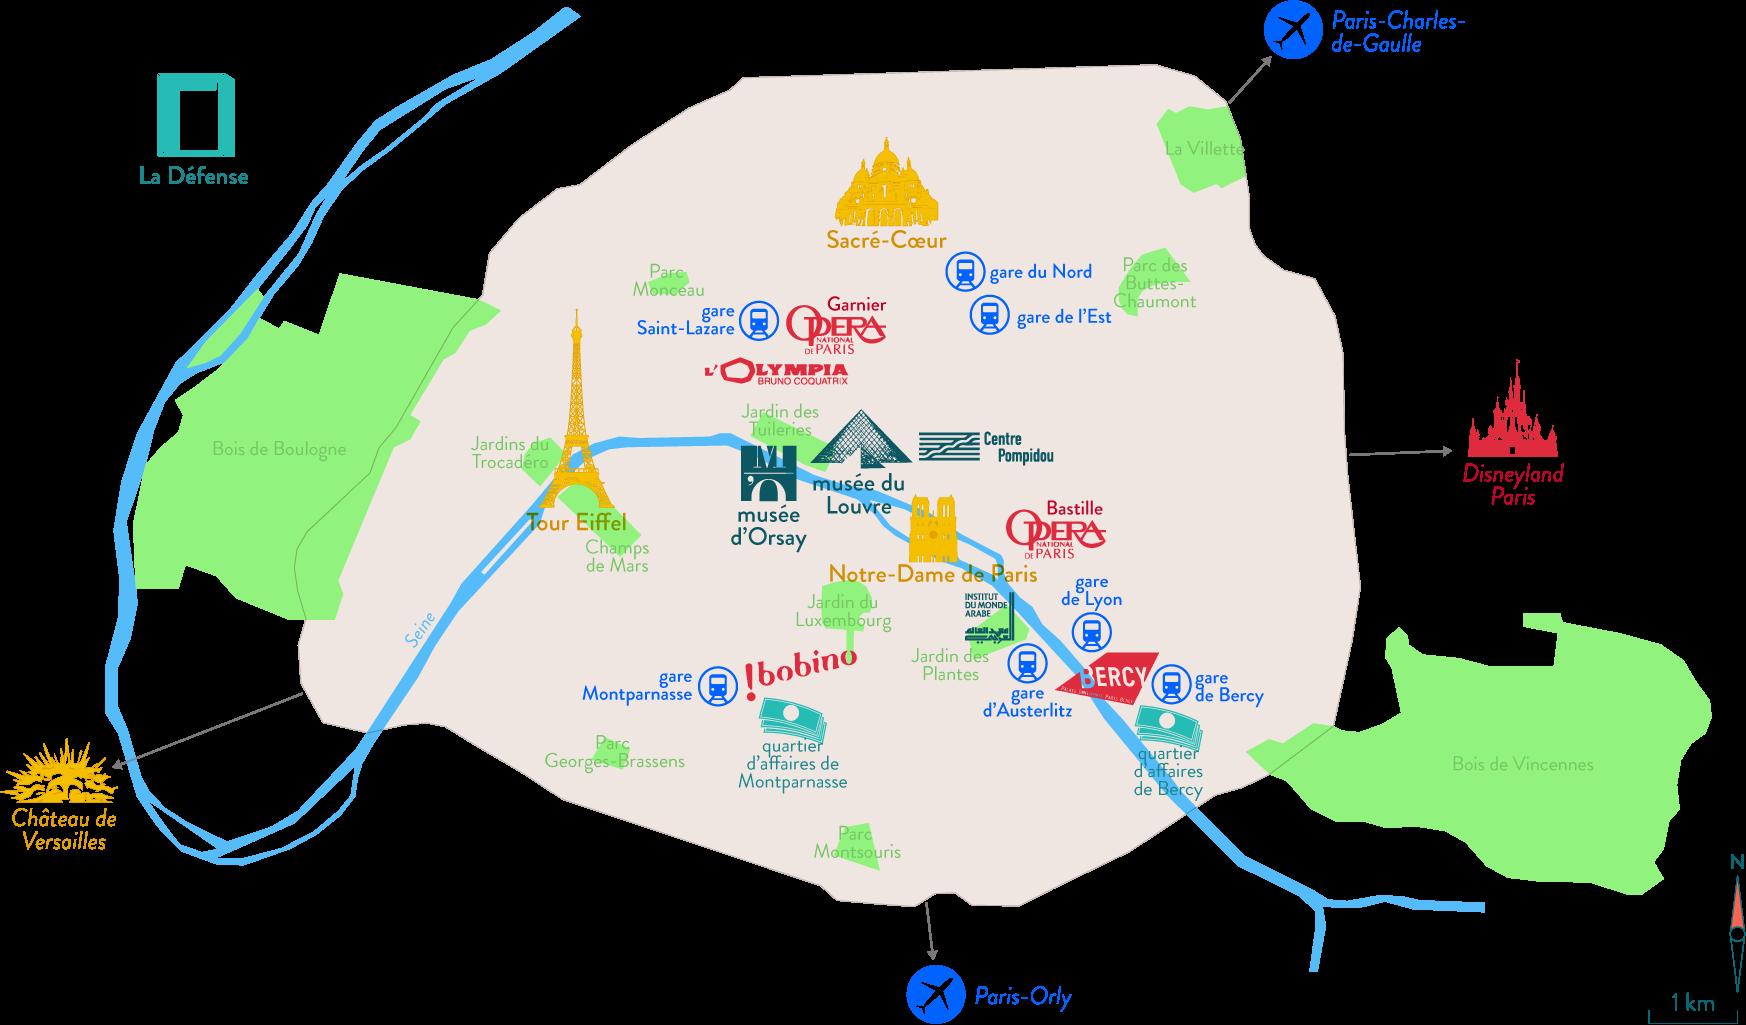 Carte de l'emplacement des principaux monuments et musées parisiens